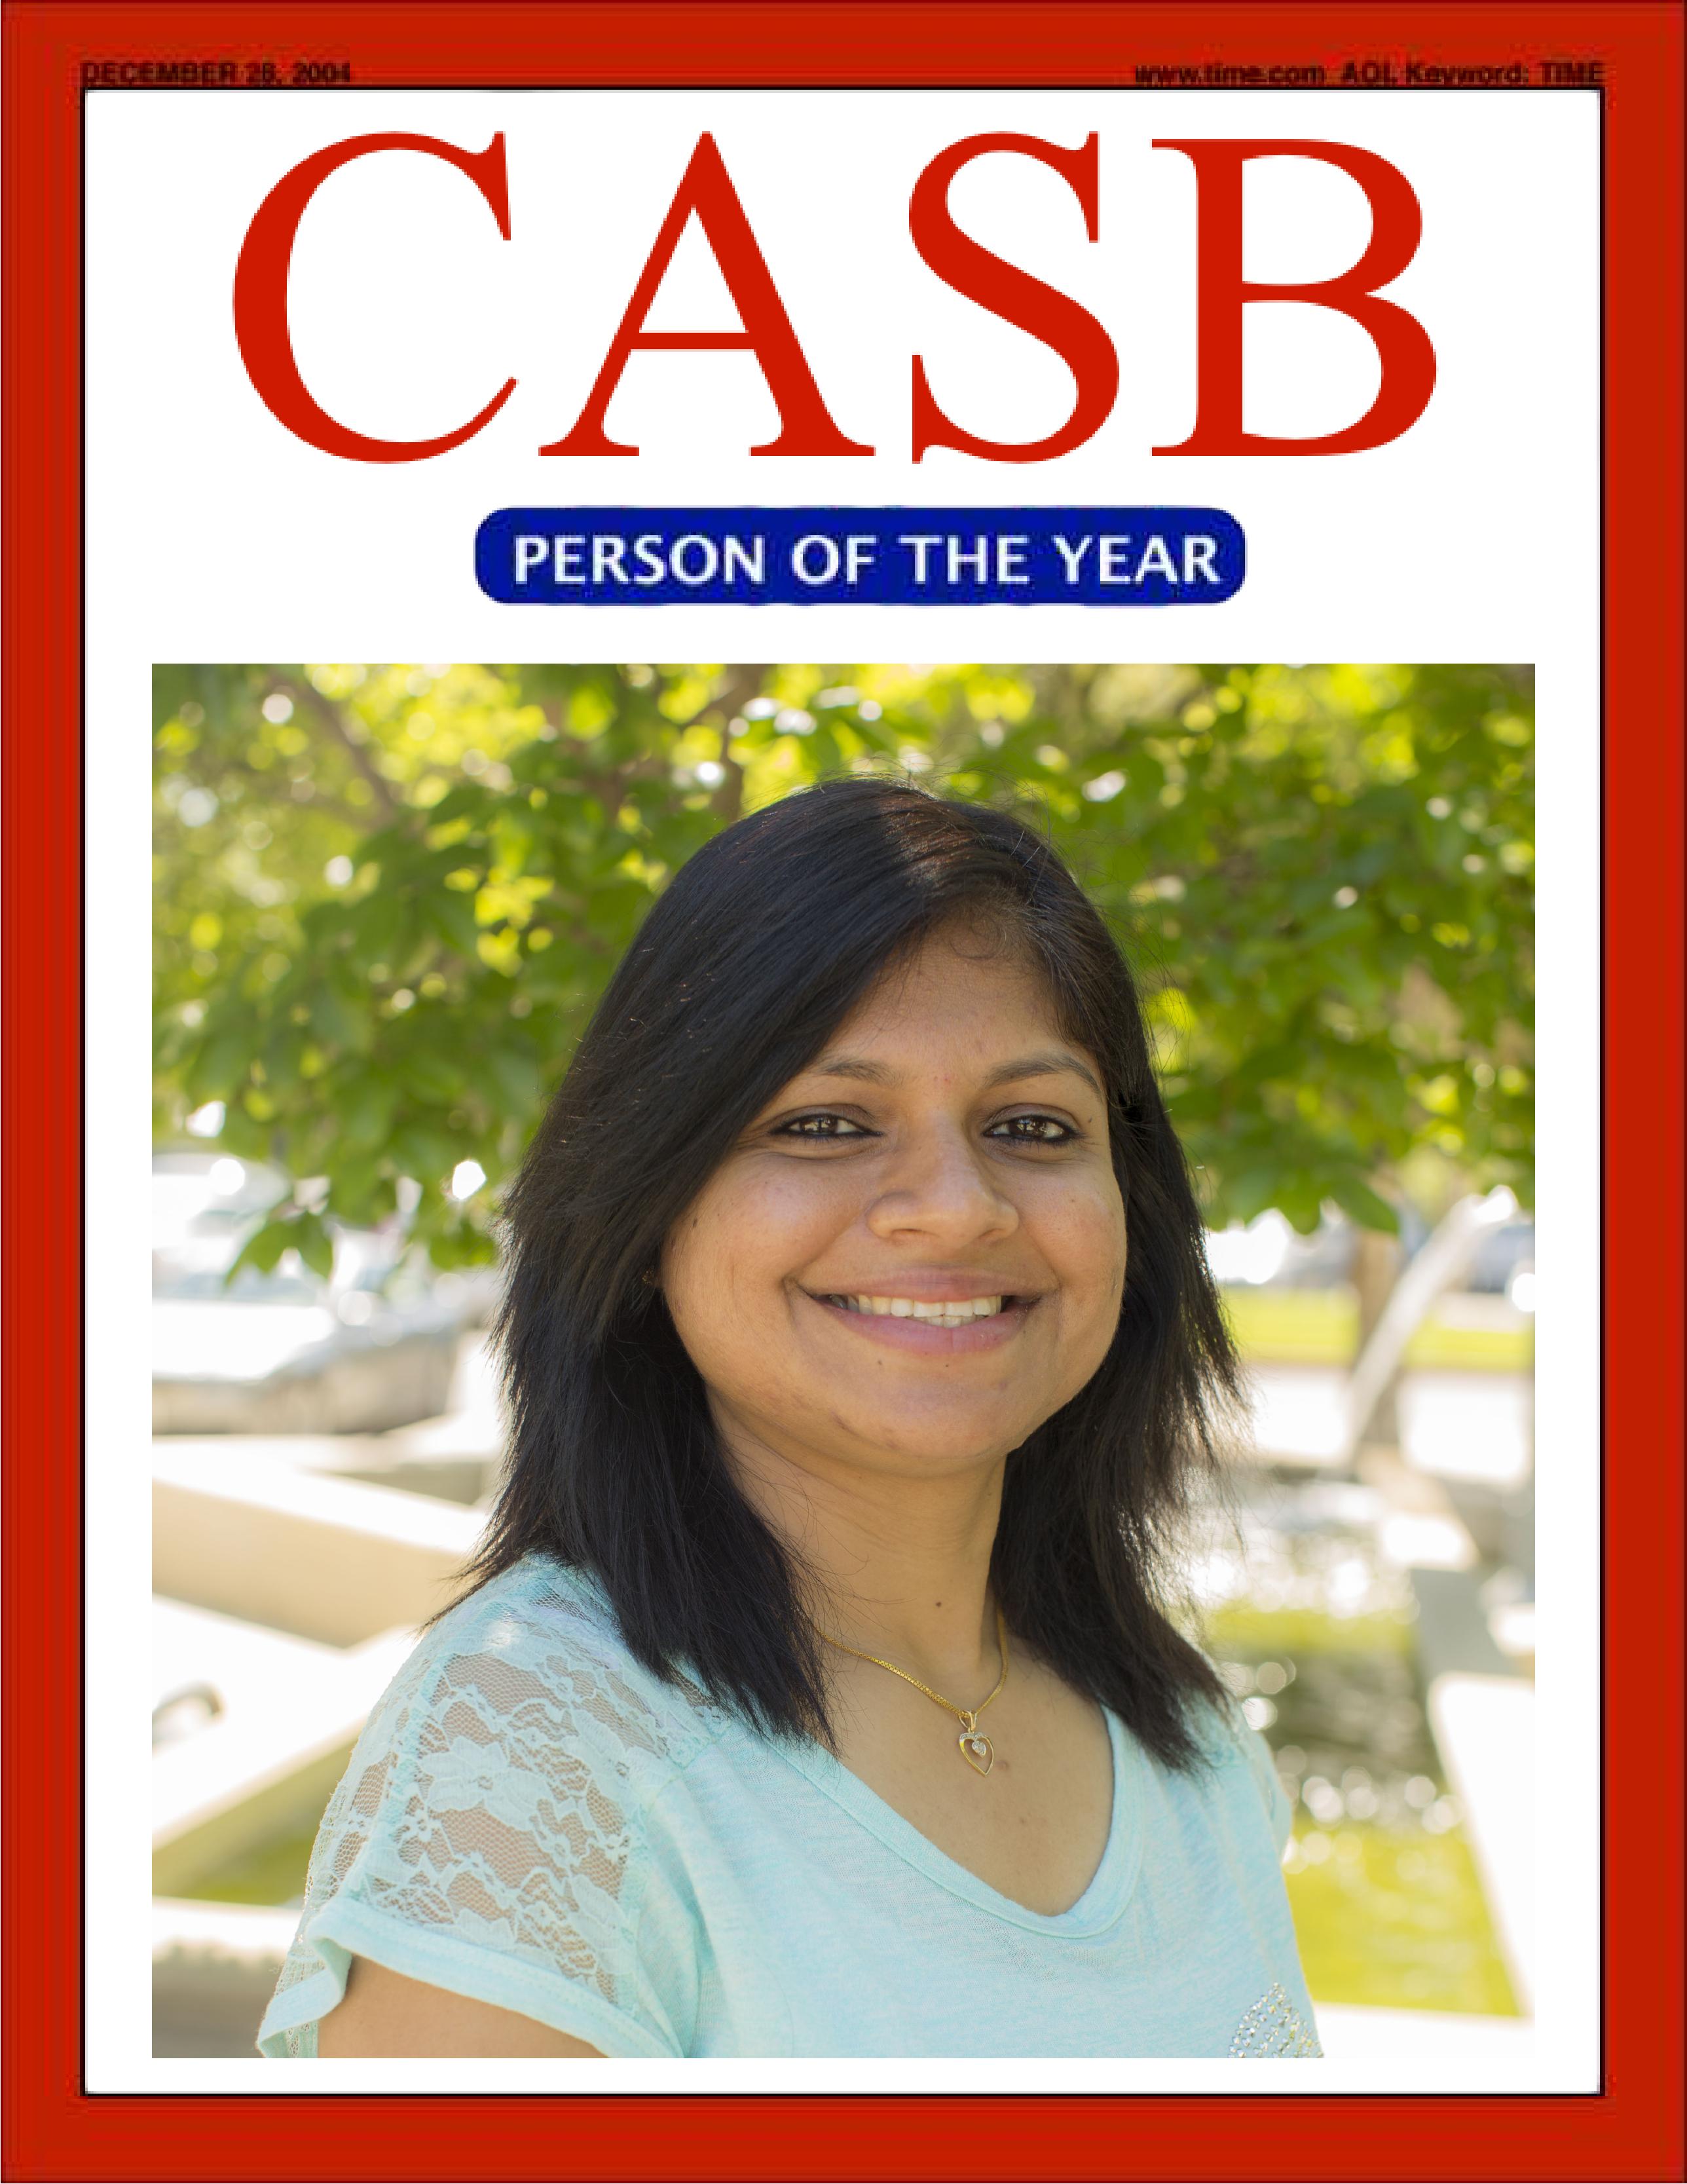 Deepika CASB